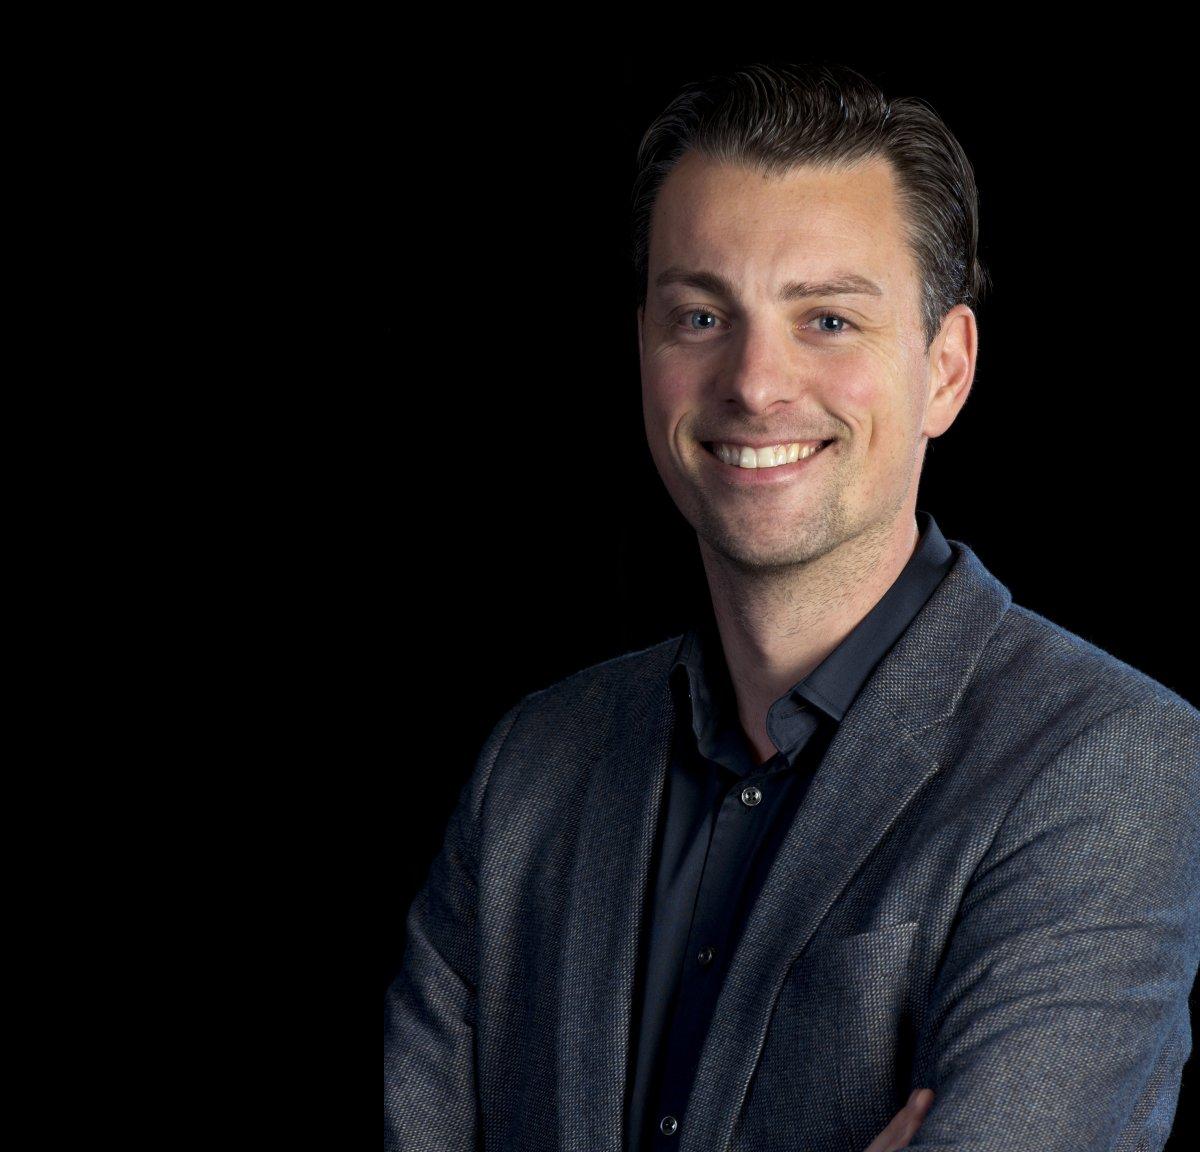 Arend Hardorff gaat van NHTV naar de Hotelschool in Den Haag. Daar wordt hij lid van het College van Bestuur.